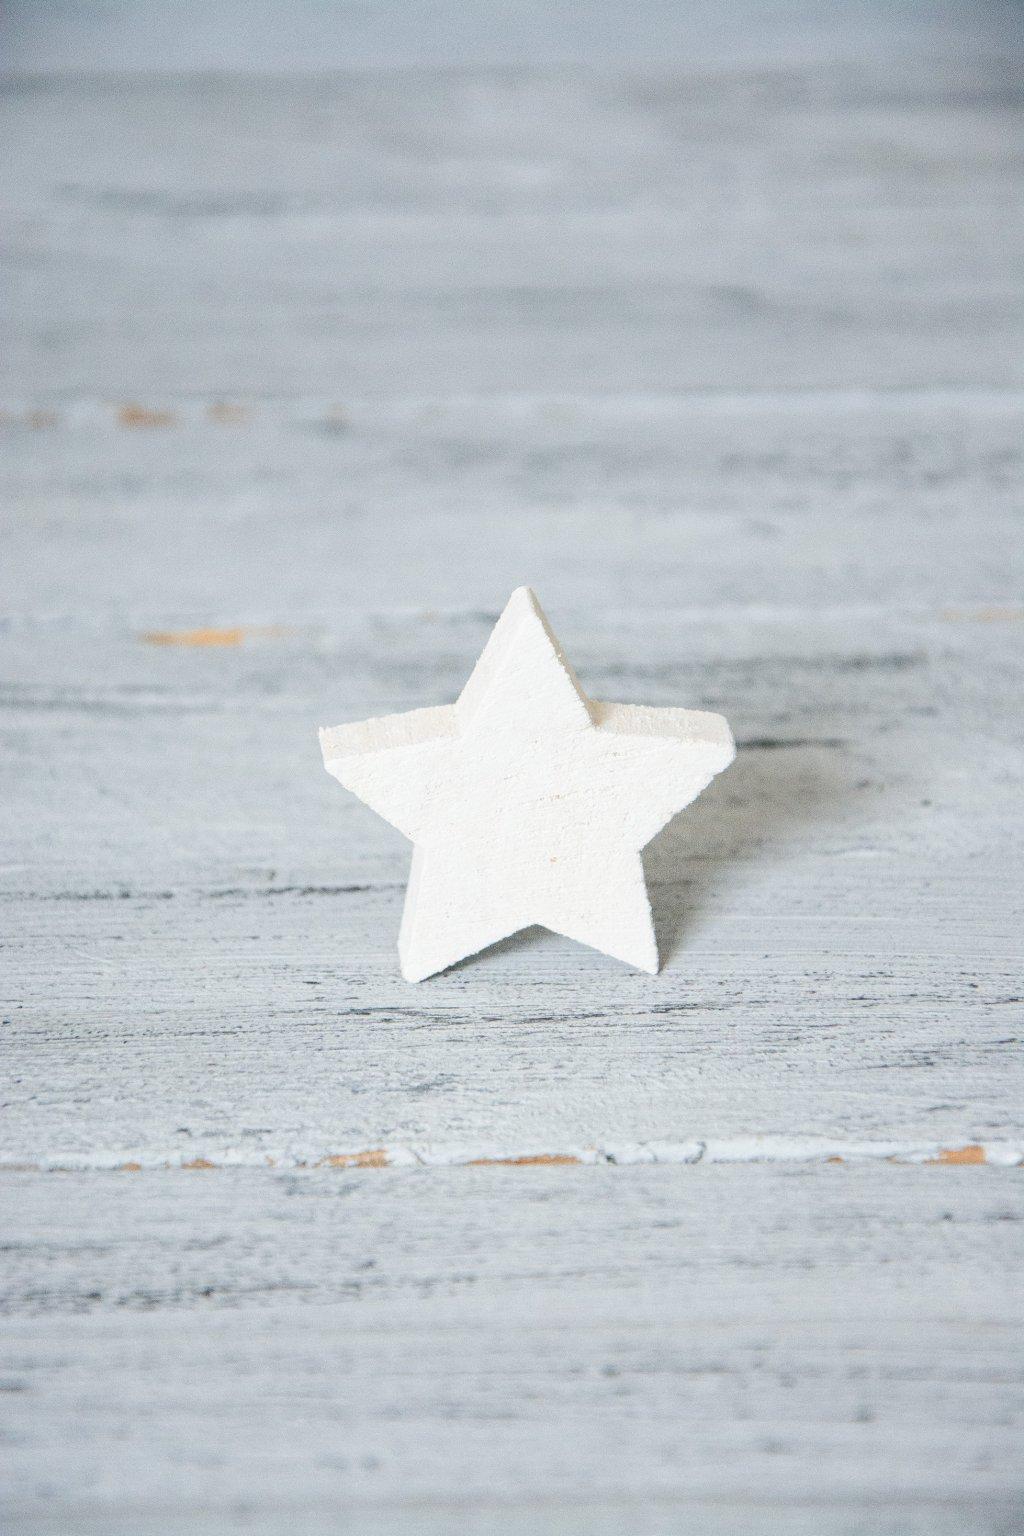 Dřevěná hvězdička.  Rozměr 5 cm x tl. 1 cm